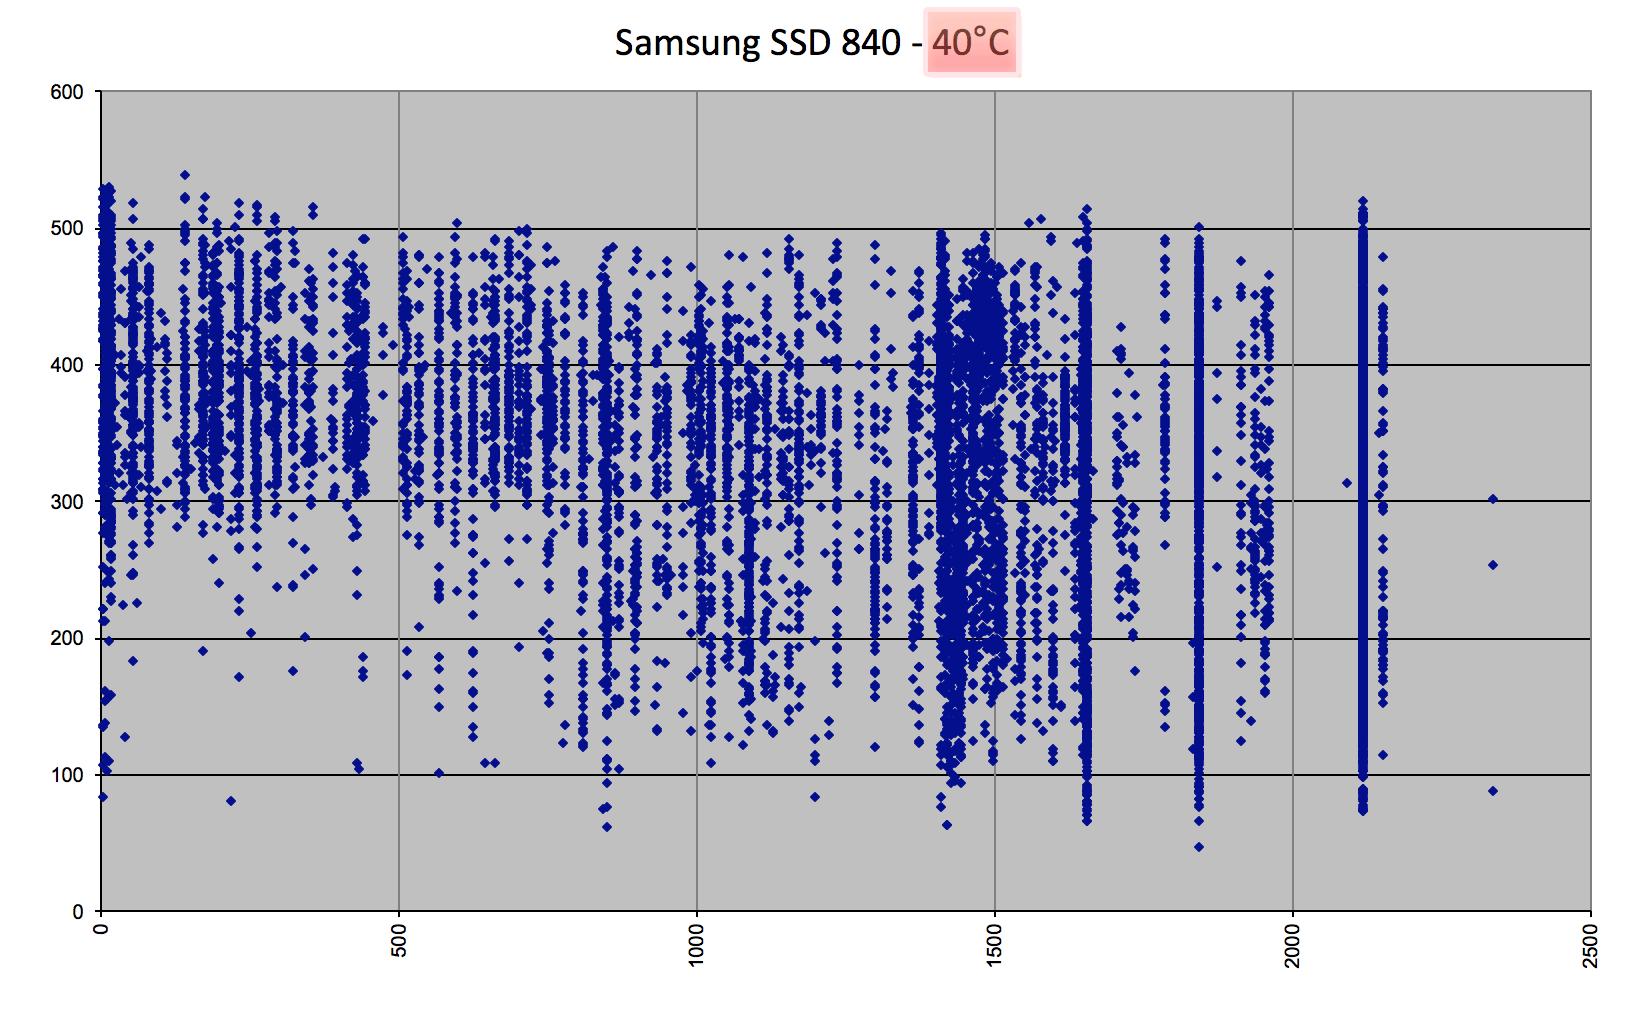 Проблеме чтения старых данных Samsung 840 Evo подвержены 840 и другие твердотельники - 6